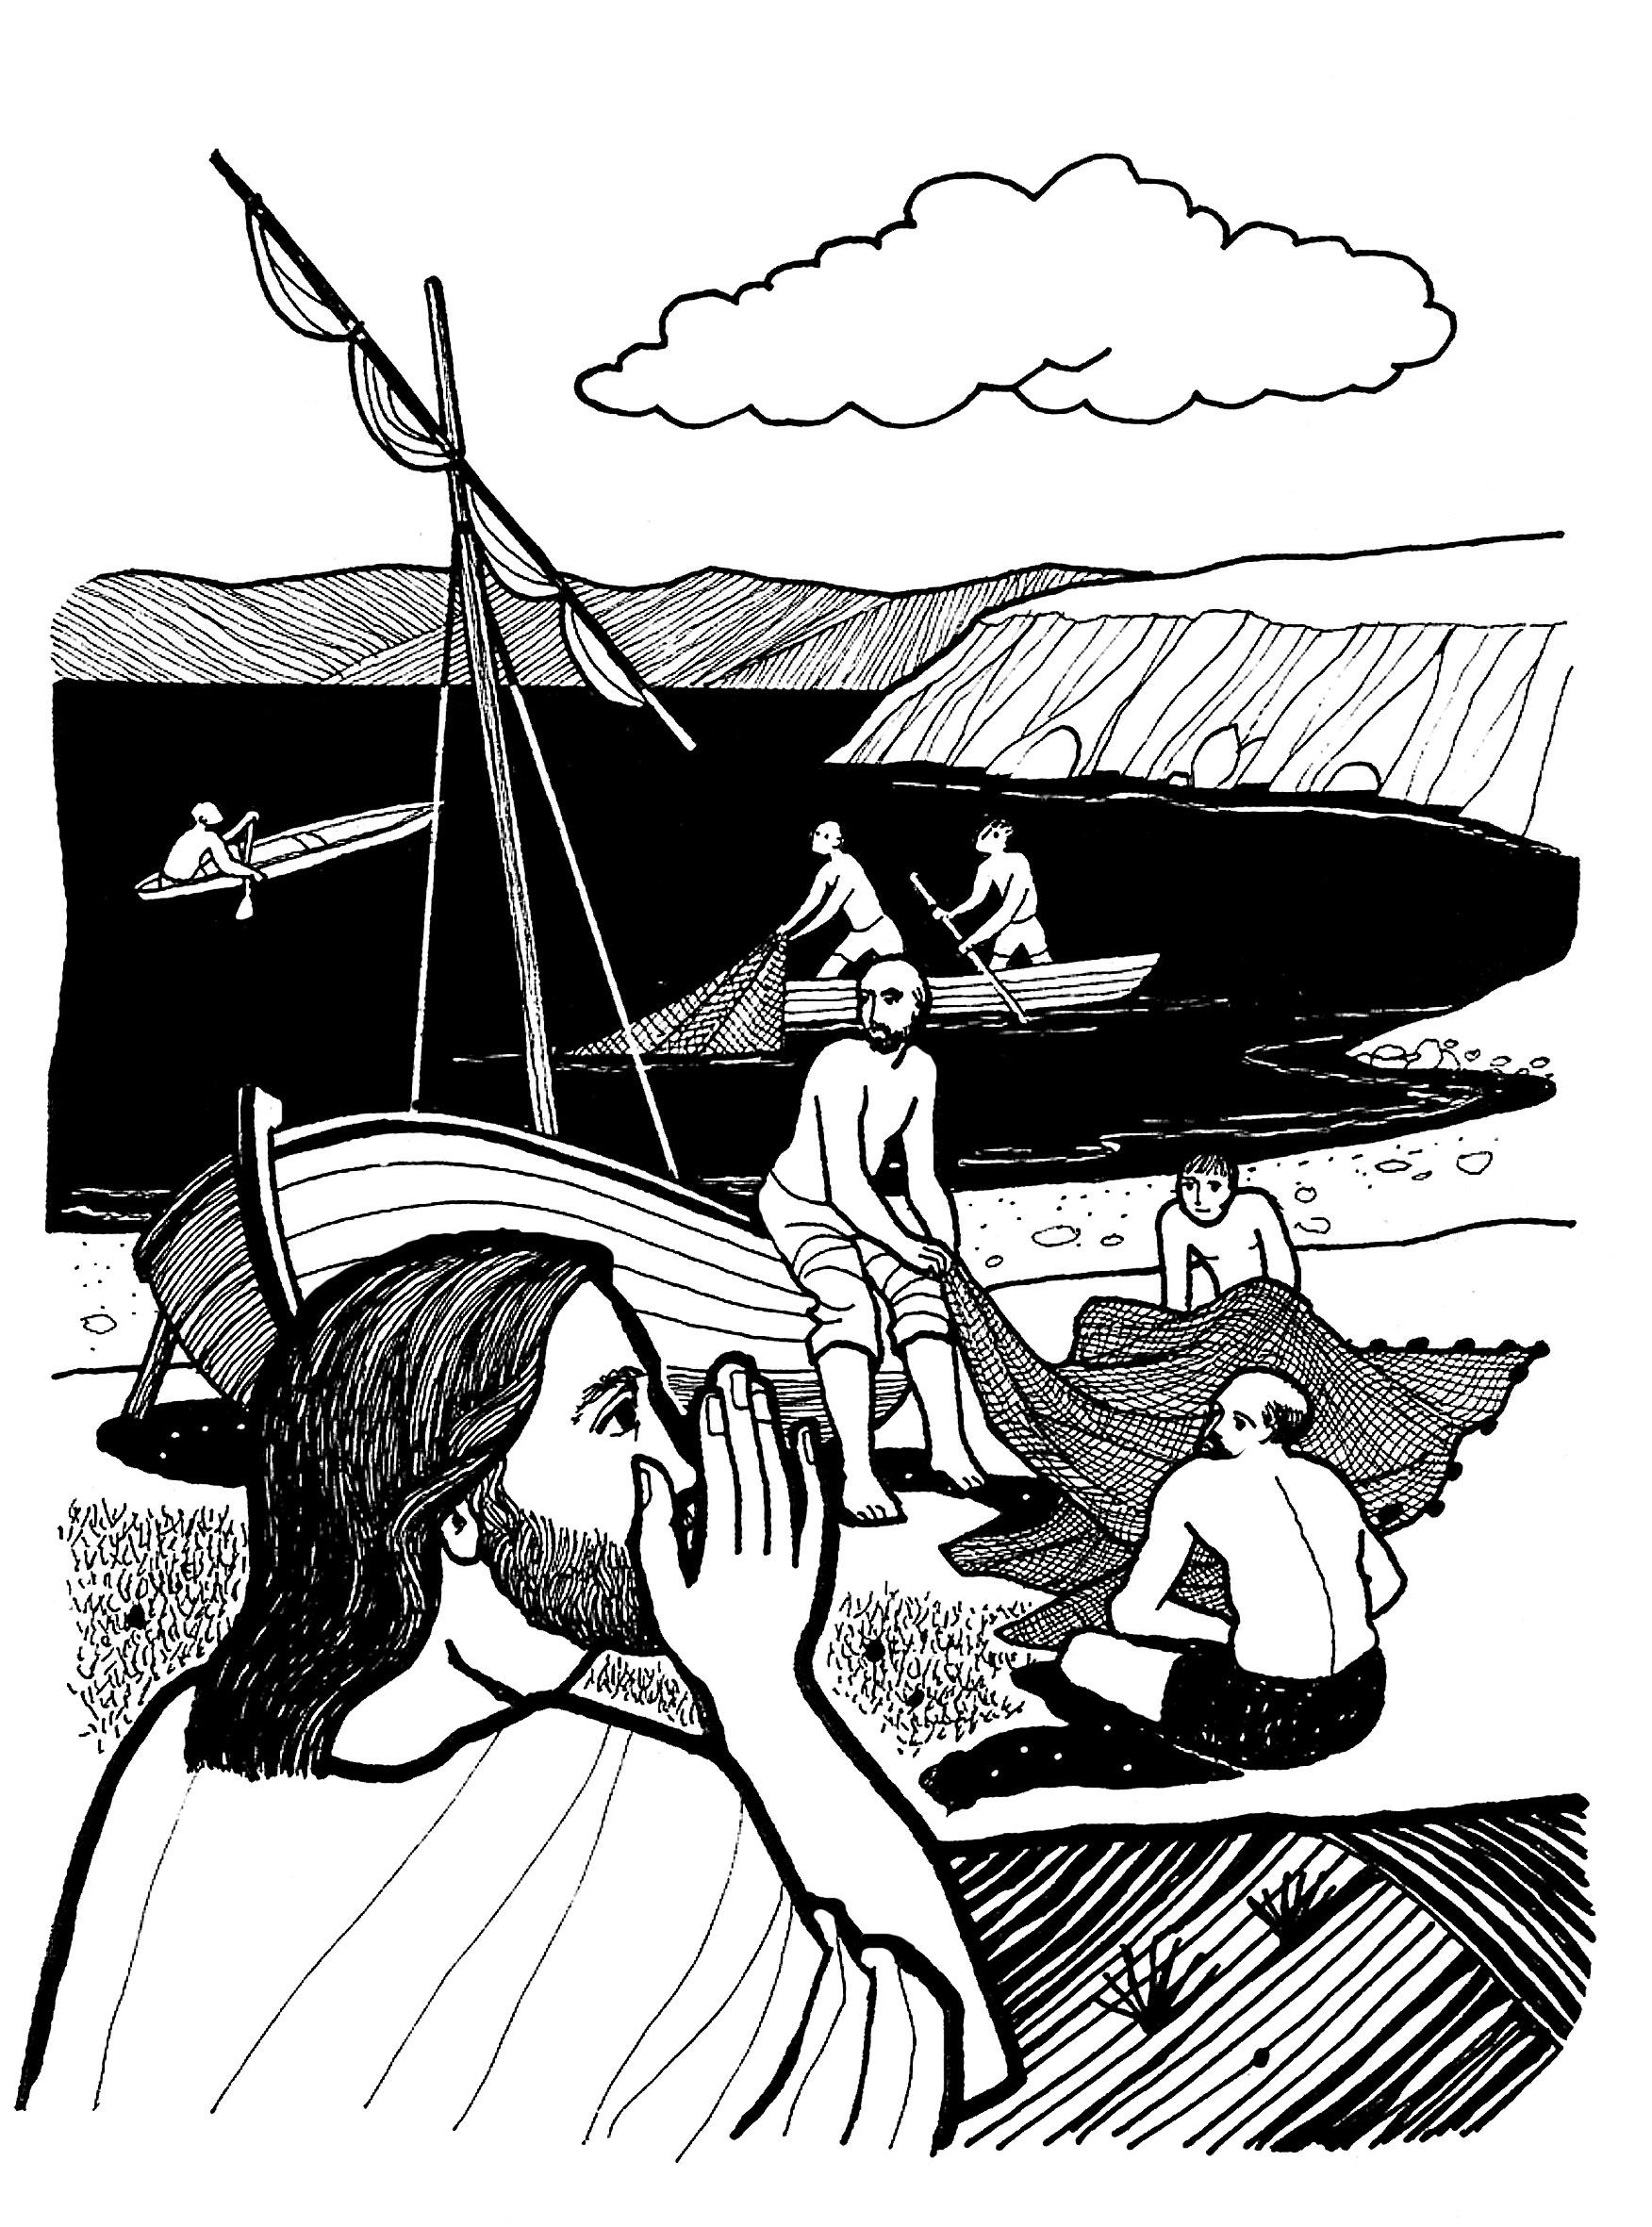 Evangelio del día - Lecturas del domingo, 23 de enero de 2011